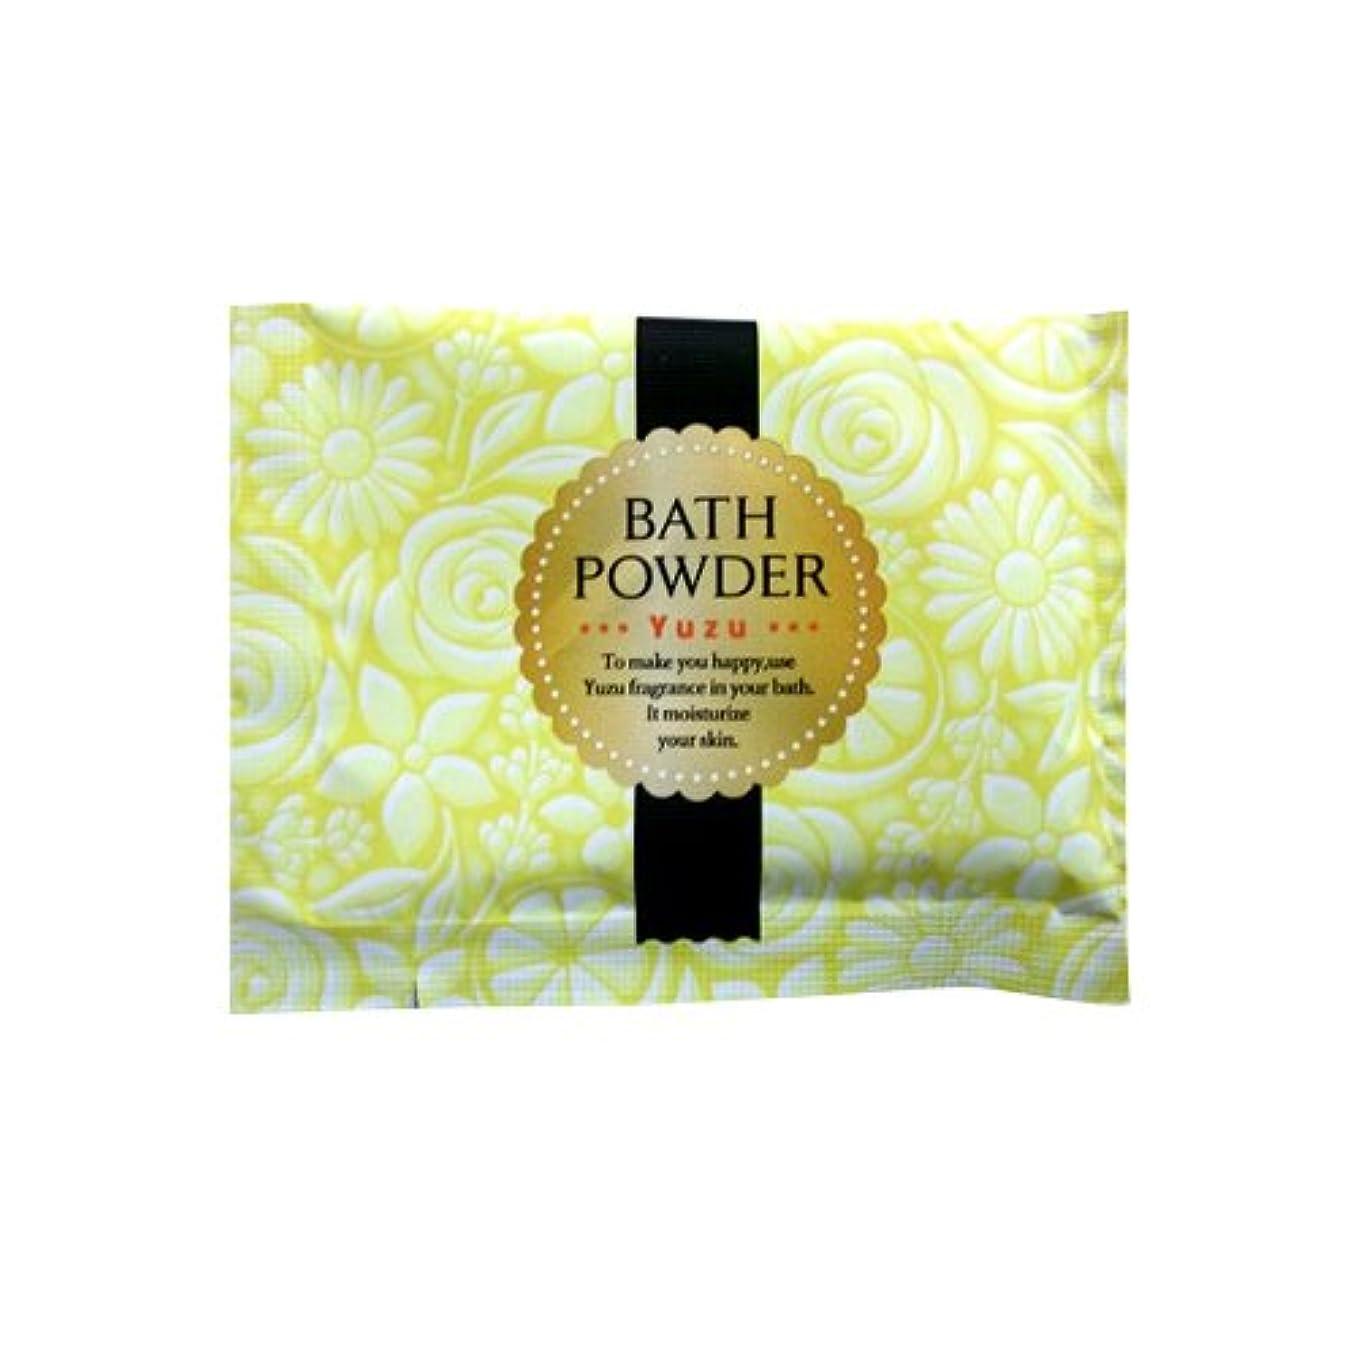 ストレージそっと誘惑する入浴剤 LUCKY BATH (ラッキーバス) 25g ユズの香り